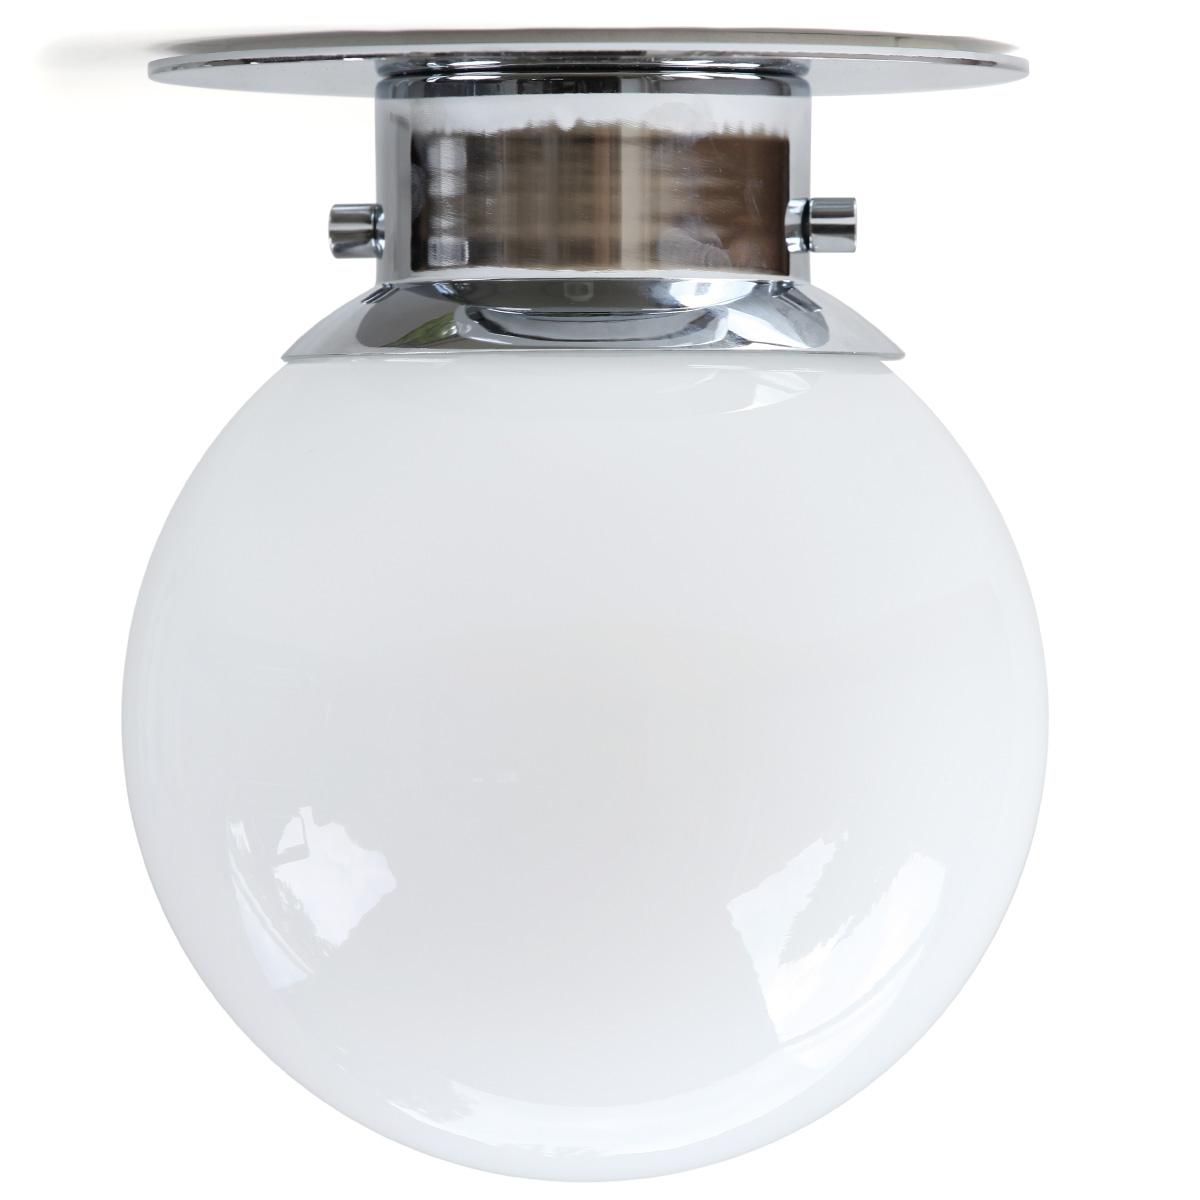 Globus Kugel Deckenleuchte Fur Das Bad Ip 44 O 20 Cm Casa Lumi